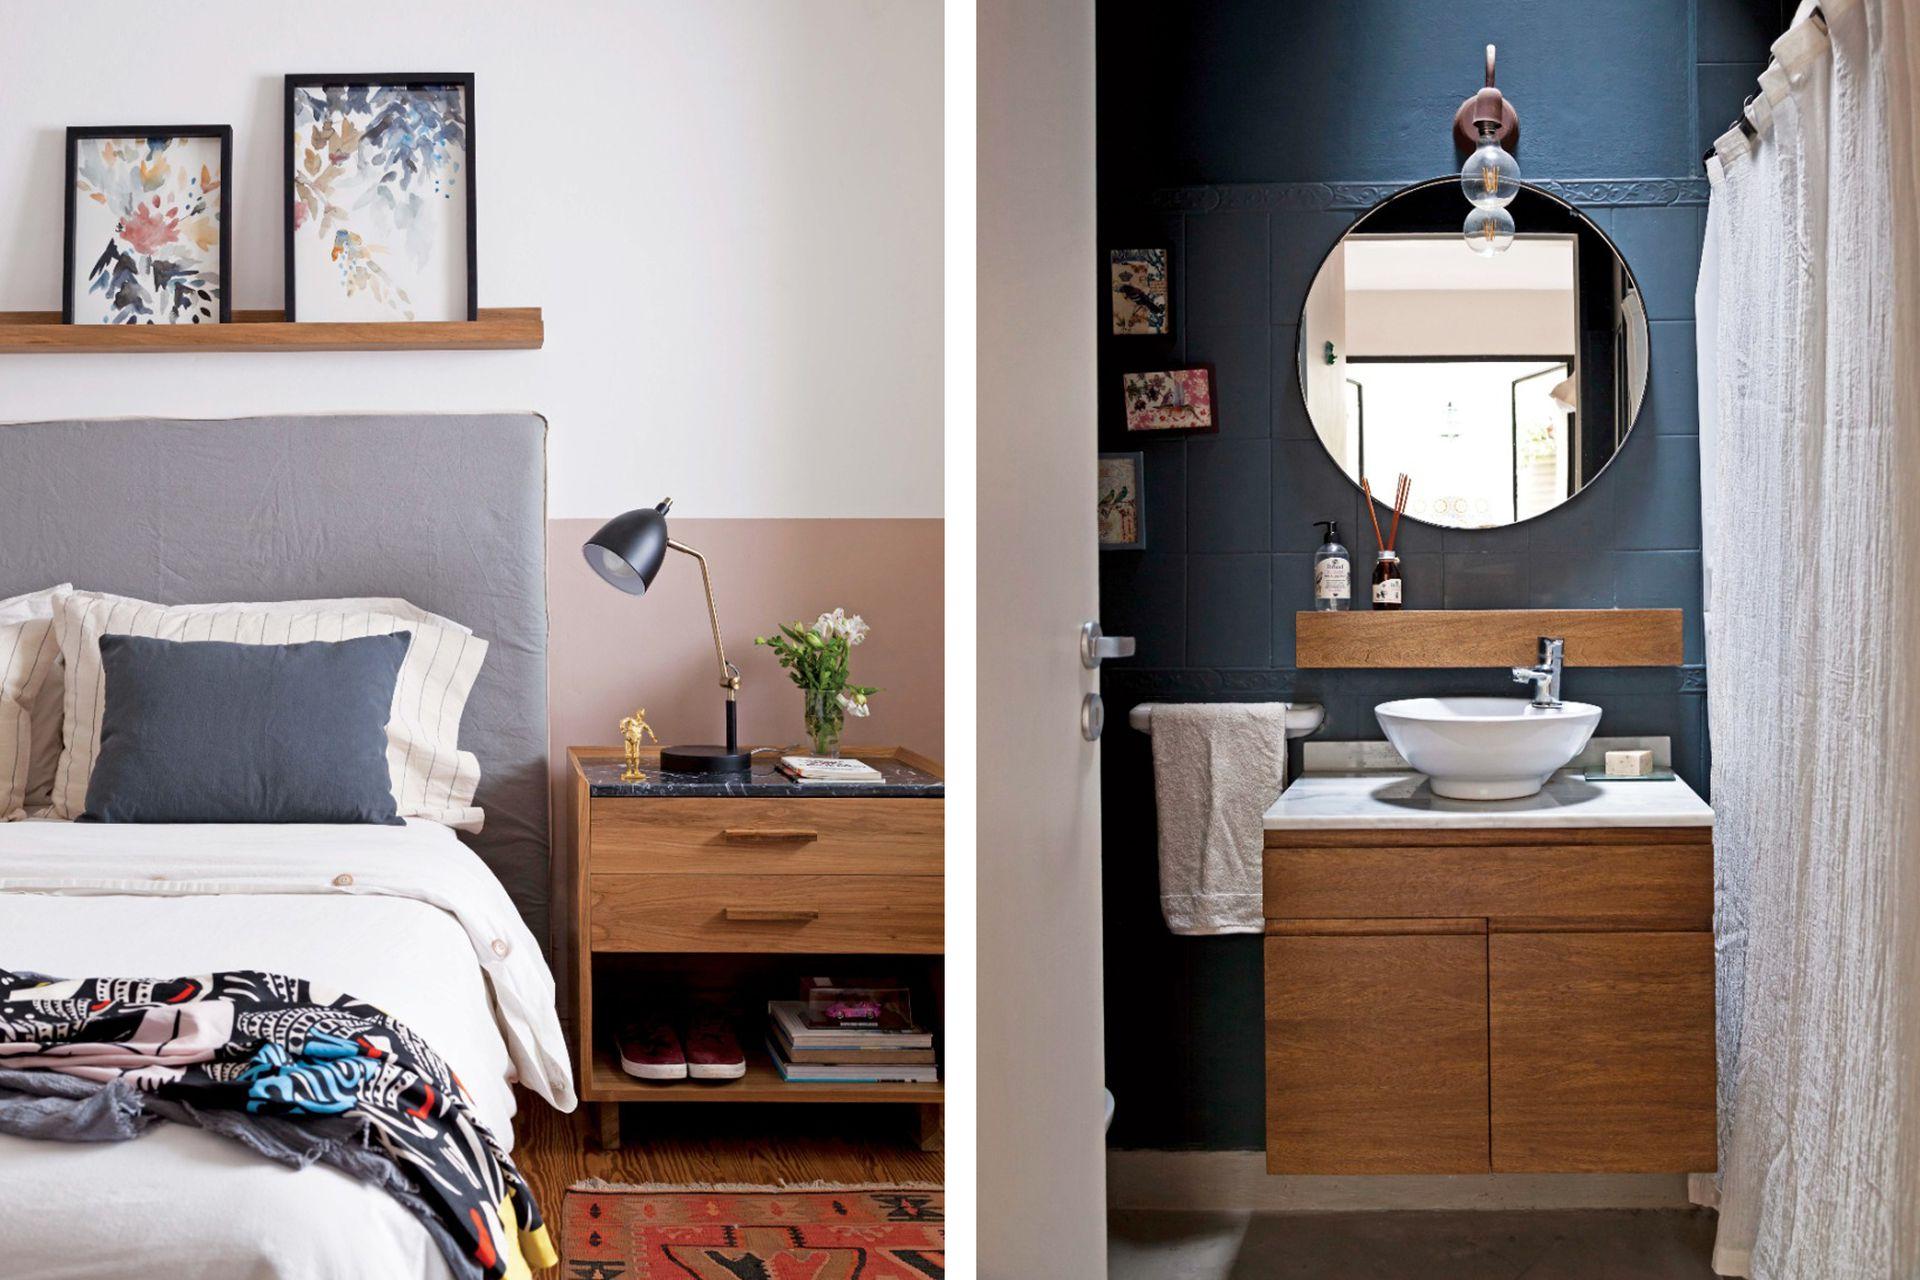 El baño se actualizó con una mano de pintura oscura sobre los azulejos, un vanitory colgante de petiribí, un espejo circular y un estante hueco de madera, que cubre la antigua jabonera empotrada.